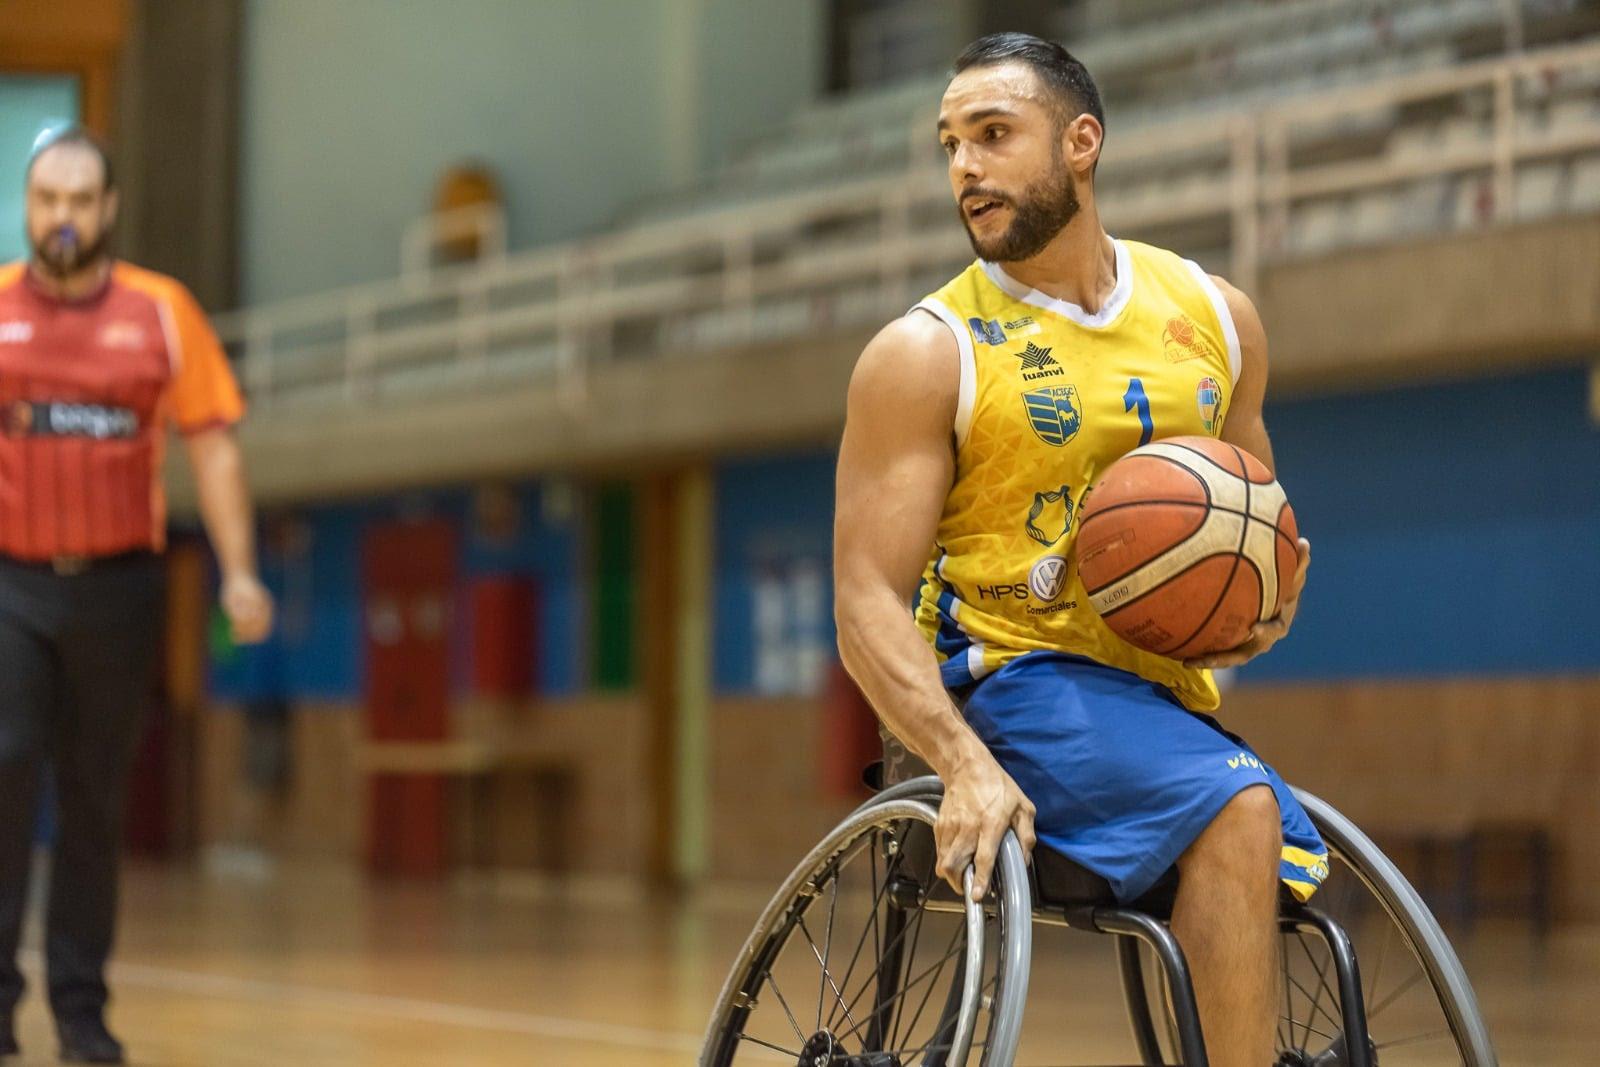 Jorge Sánchez volverá a liderar al Econy Gran Canaria tras los Juegos Paralímpicos